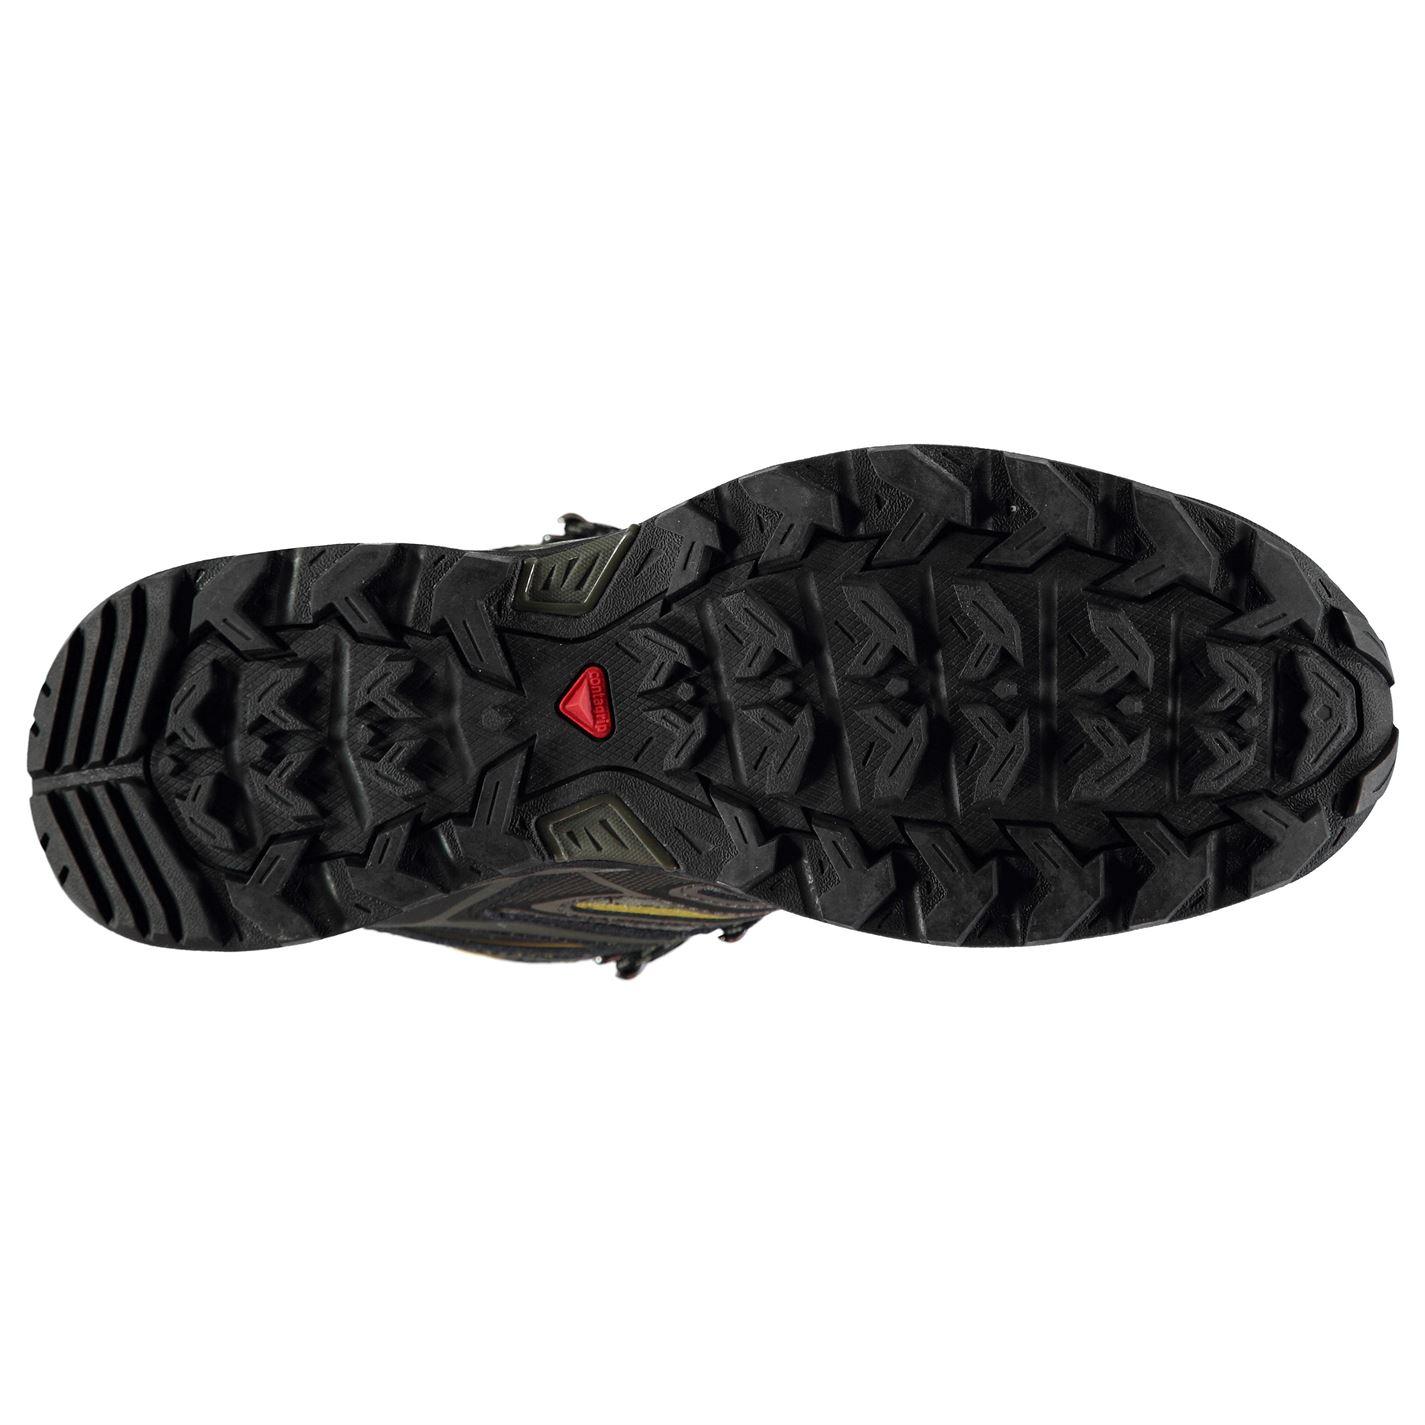 Salomon X Ultra 3 GTX MID Chaussures de Marche Homme Gents Bottes Gore Tex